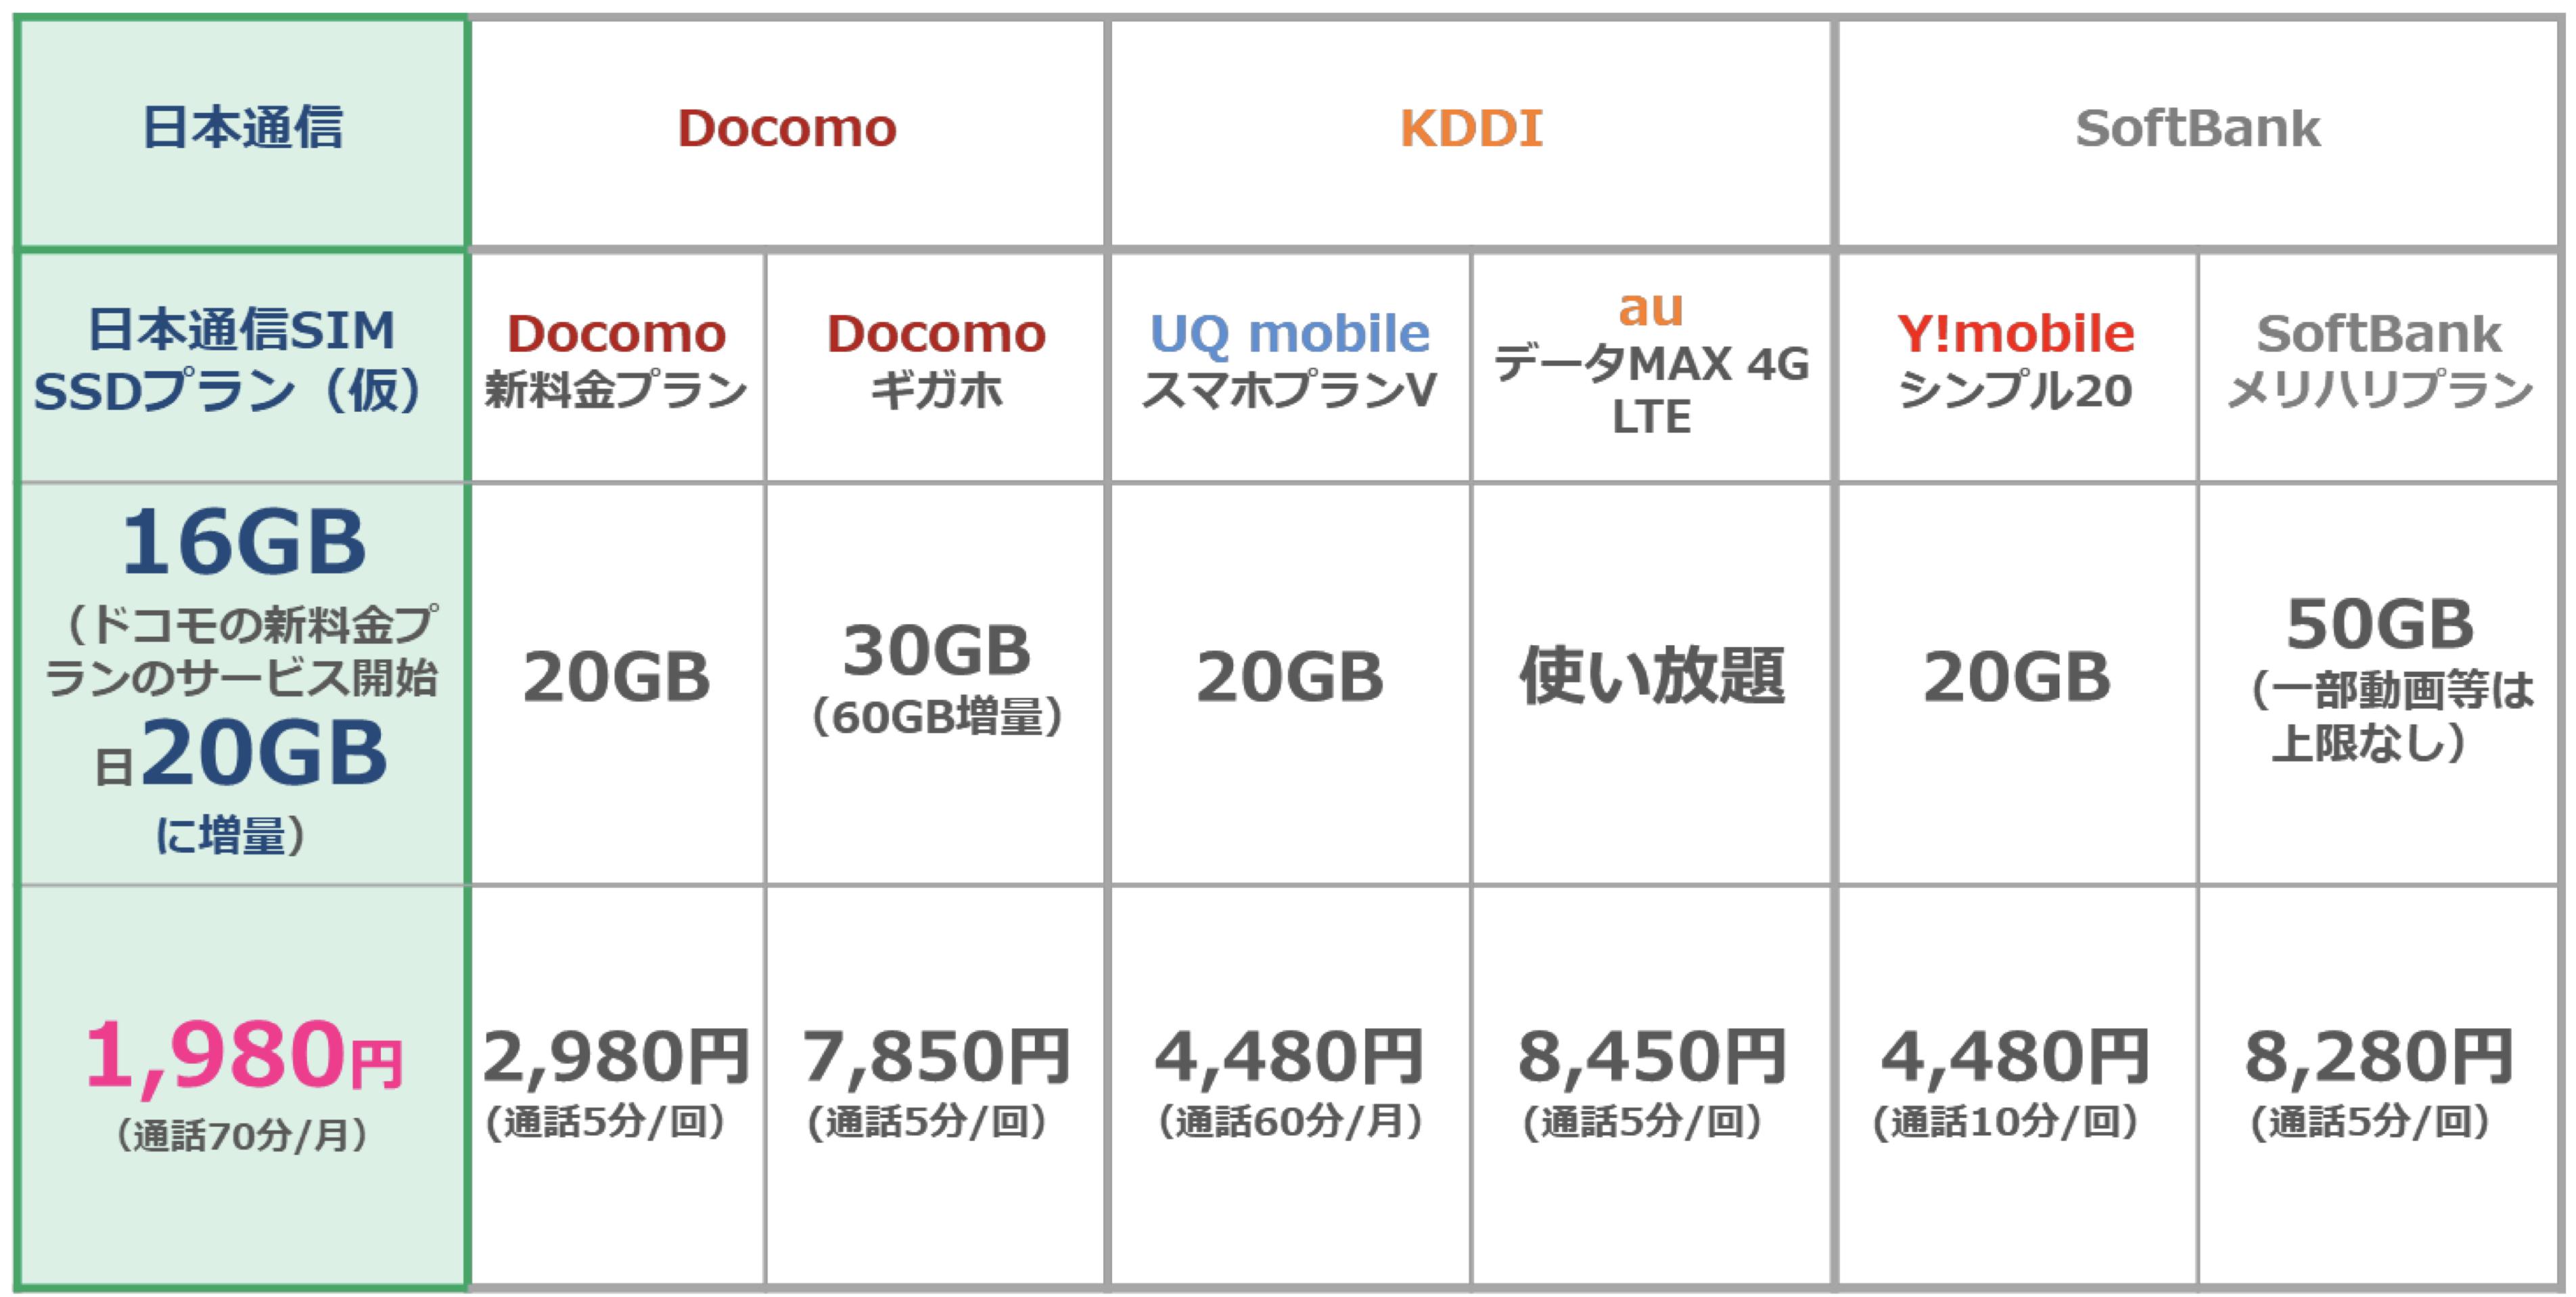 Docomo新プラン「ahamo」20GB・5分かけ放題で2,980円だと?